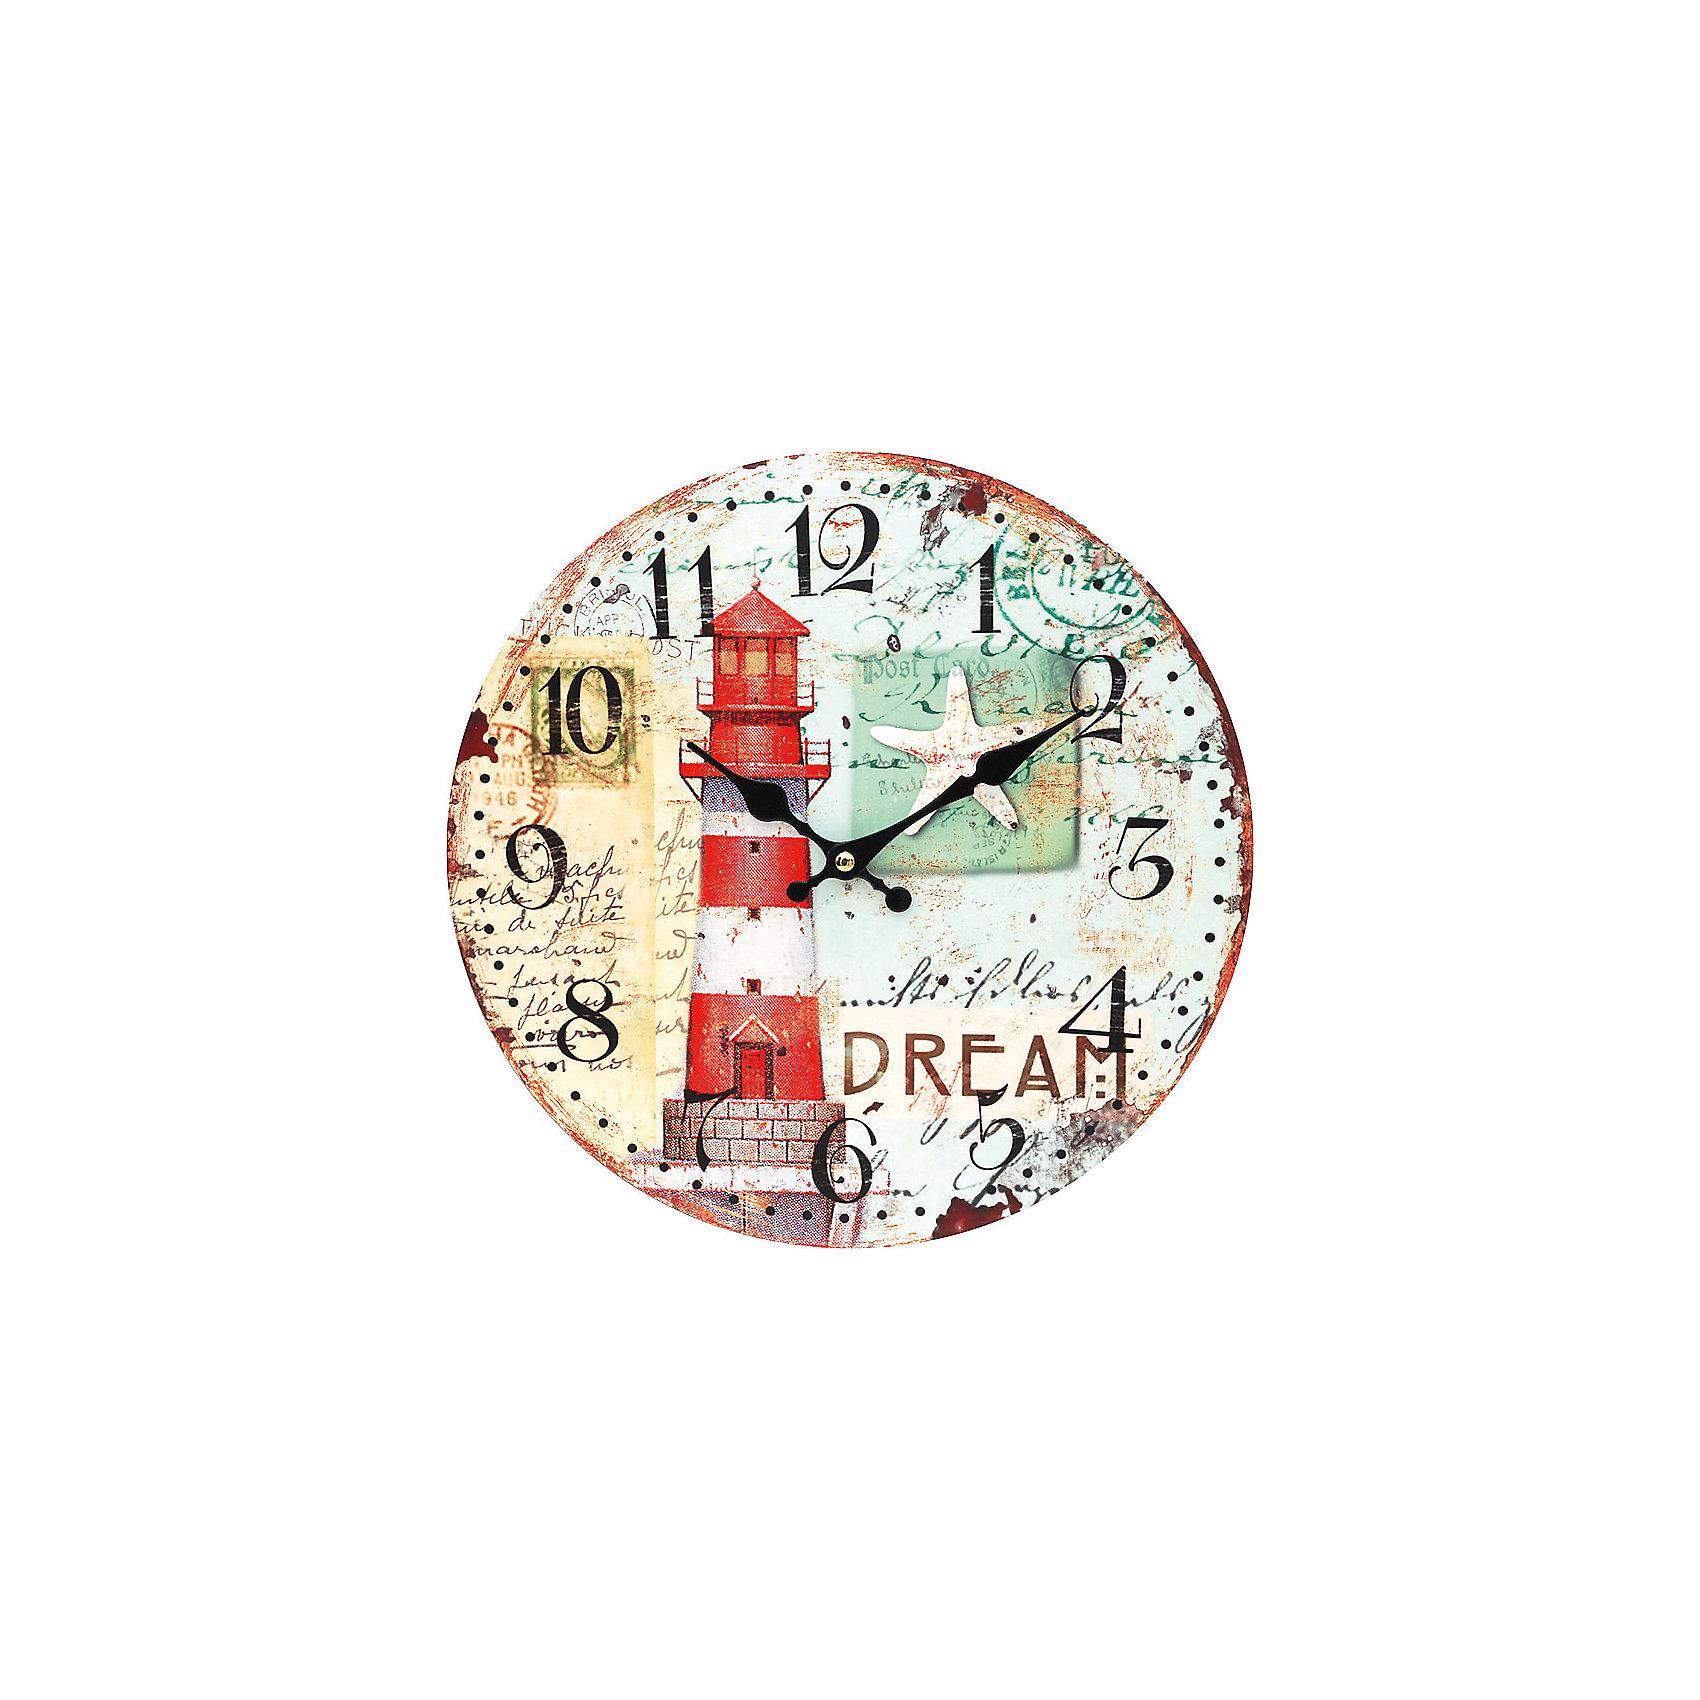 Часы настенные Маяк, диаметр 34 смЧасы настенные Маяк, диаметр 34 см.<br><br>Характеристики:<br><br>- Диаметр: 34 см.<br>- Две стрелки часовая и минутная<br>- Батарейка: 1 типа АА (в комплект не входит)<br>- Цвет: белый, кремовый, серо-зеленый, красный<br>- Упаковка картонная коробка<br><br>Кварцевые настенные часы с механизмом плавного хода помимо своего прямого назначения – показывать точное время – станут важным элементом декора Вашего дома, квартиры или офиса. Открытый циферблат часов выполнен из листа оргалита с декоративным покрытием, оформлен изображением маяка и морской звезды. Часовая и минутная стрелки металлические. Часовой механизм закрыт пластиковым корпусом. Часы будут ярким акцентом в интерьере и создадут дополнительный уют и хорошее настроение.<br><br>Часы настенные Маяк, диаметр 34 см можно купить в нашем интернет-магазине.<br><br>Ширина мм: 345<br>Глубина мм: 340<br>Высота мм: 45<br>Вес г: 2500<br>Возраст от месяцев: 72<br>Возраст до месяцев: 144<br>Пол: Унисекс<br>Возраст: Детский<br>SKU: 5089832